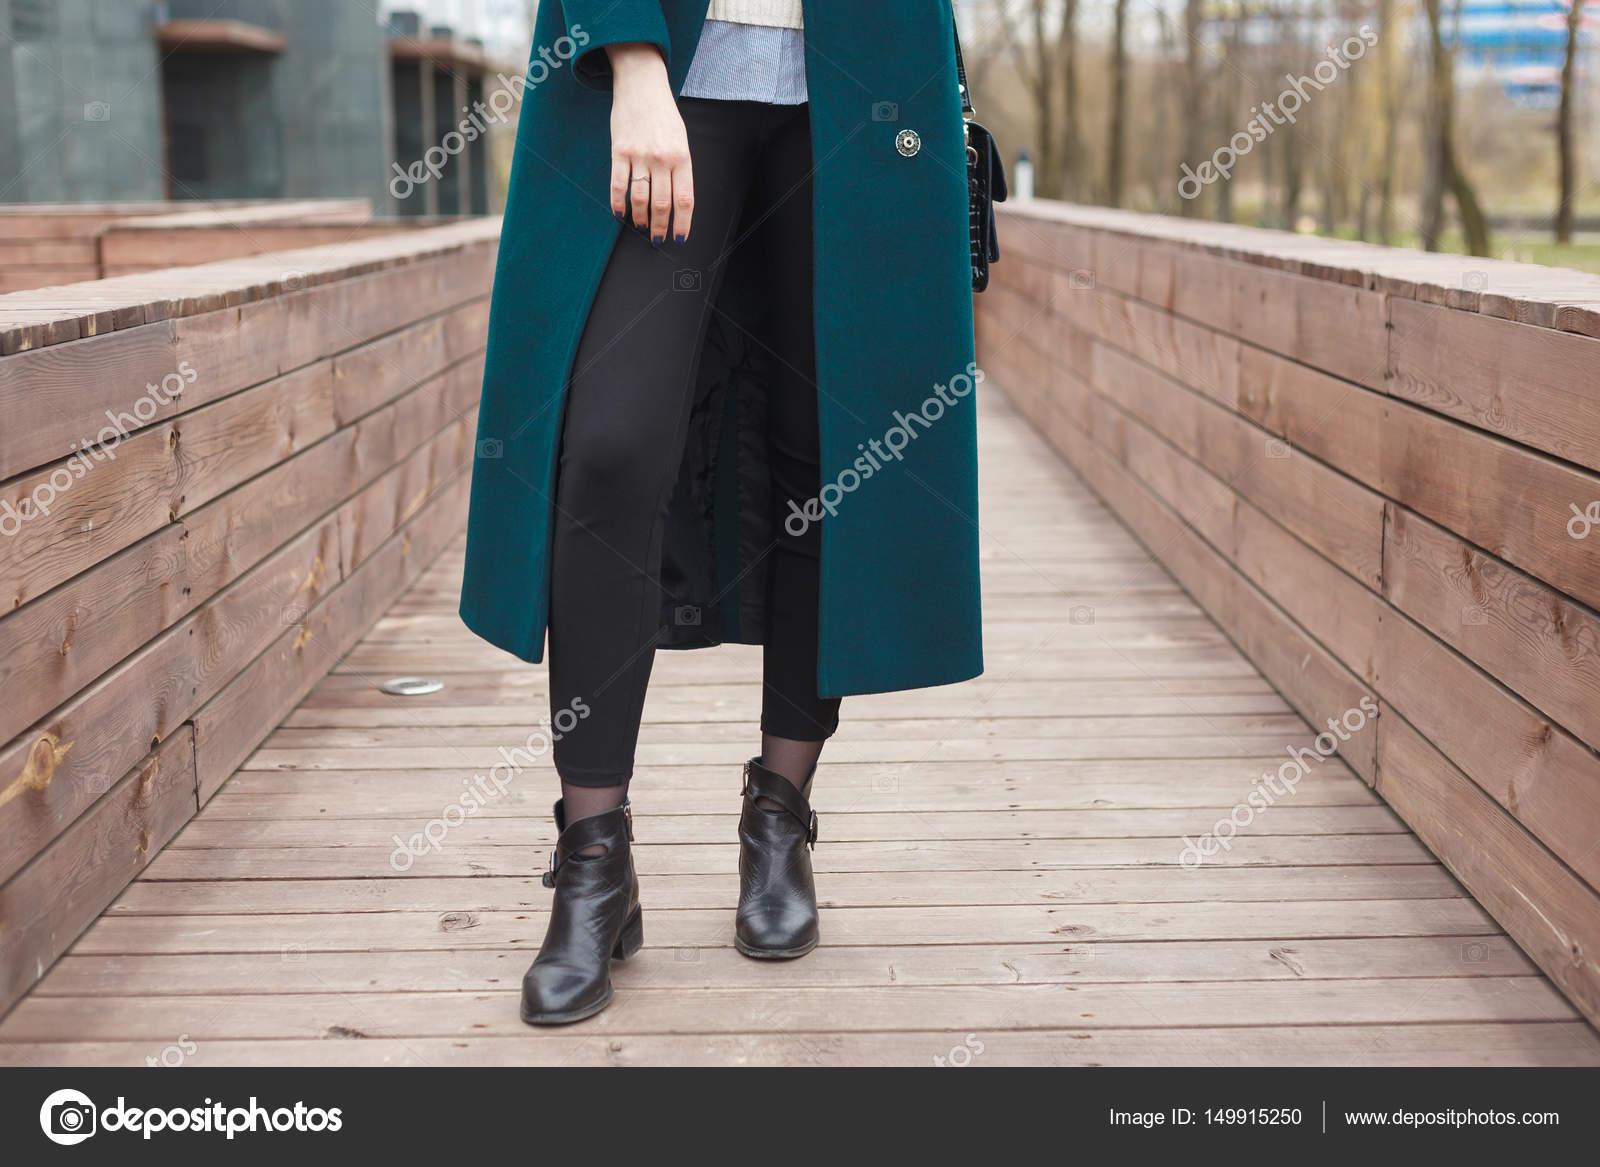 4efb88e70800 Schwarze Ankle-Boots, Schwarze Ledertasche, warme Smaragd Jacke und schwarze  Hose. Elegante